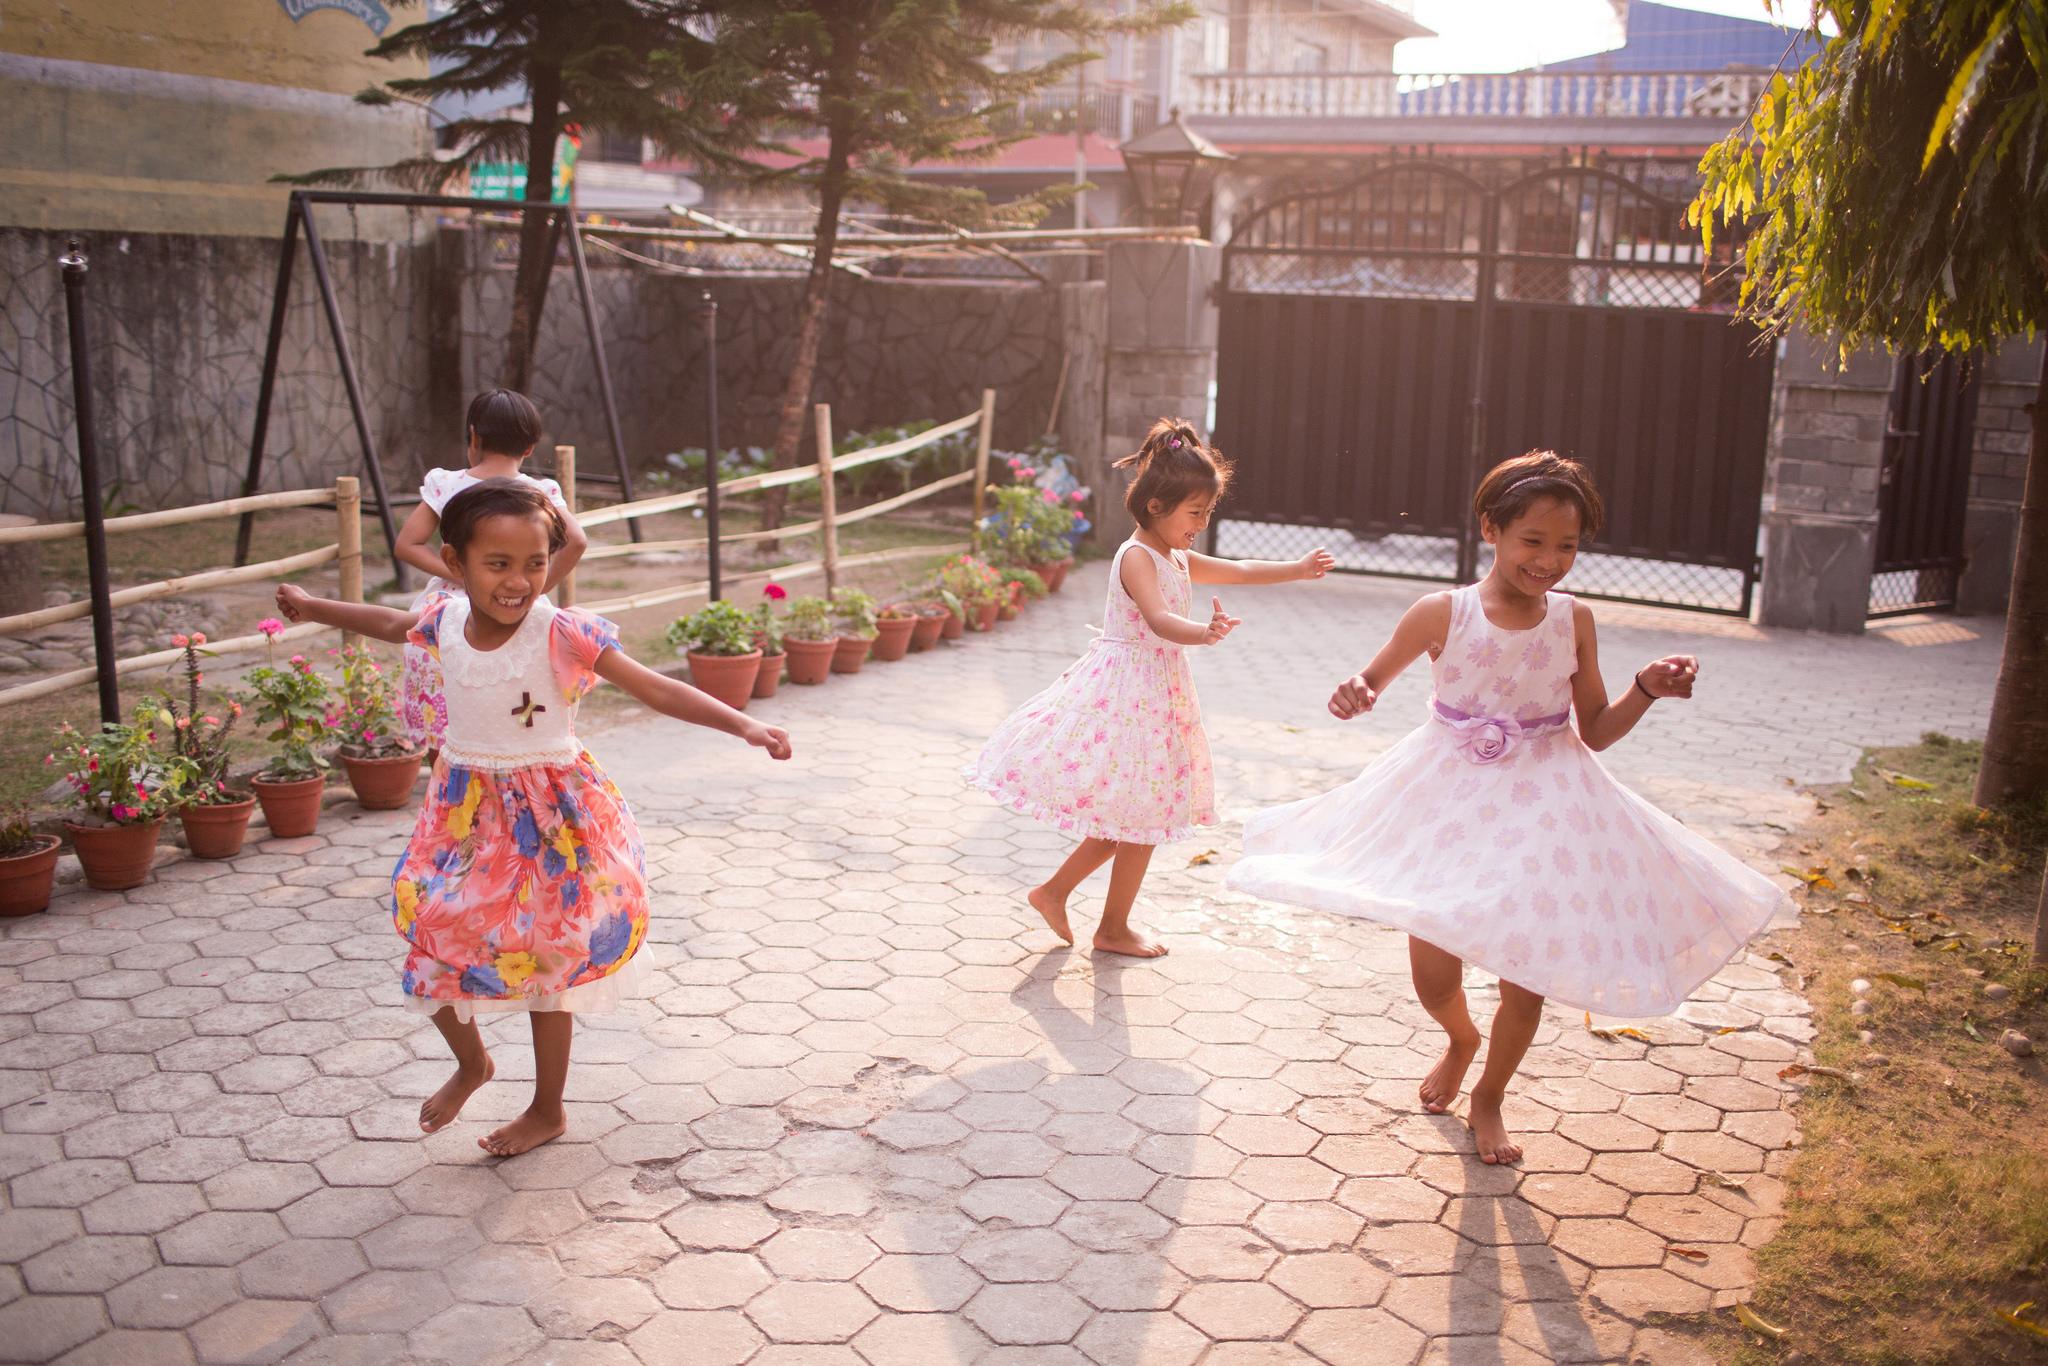 orphans_orphaned_abandoned_children_care_gospel